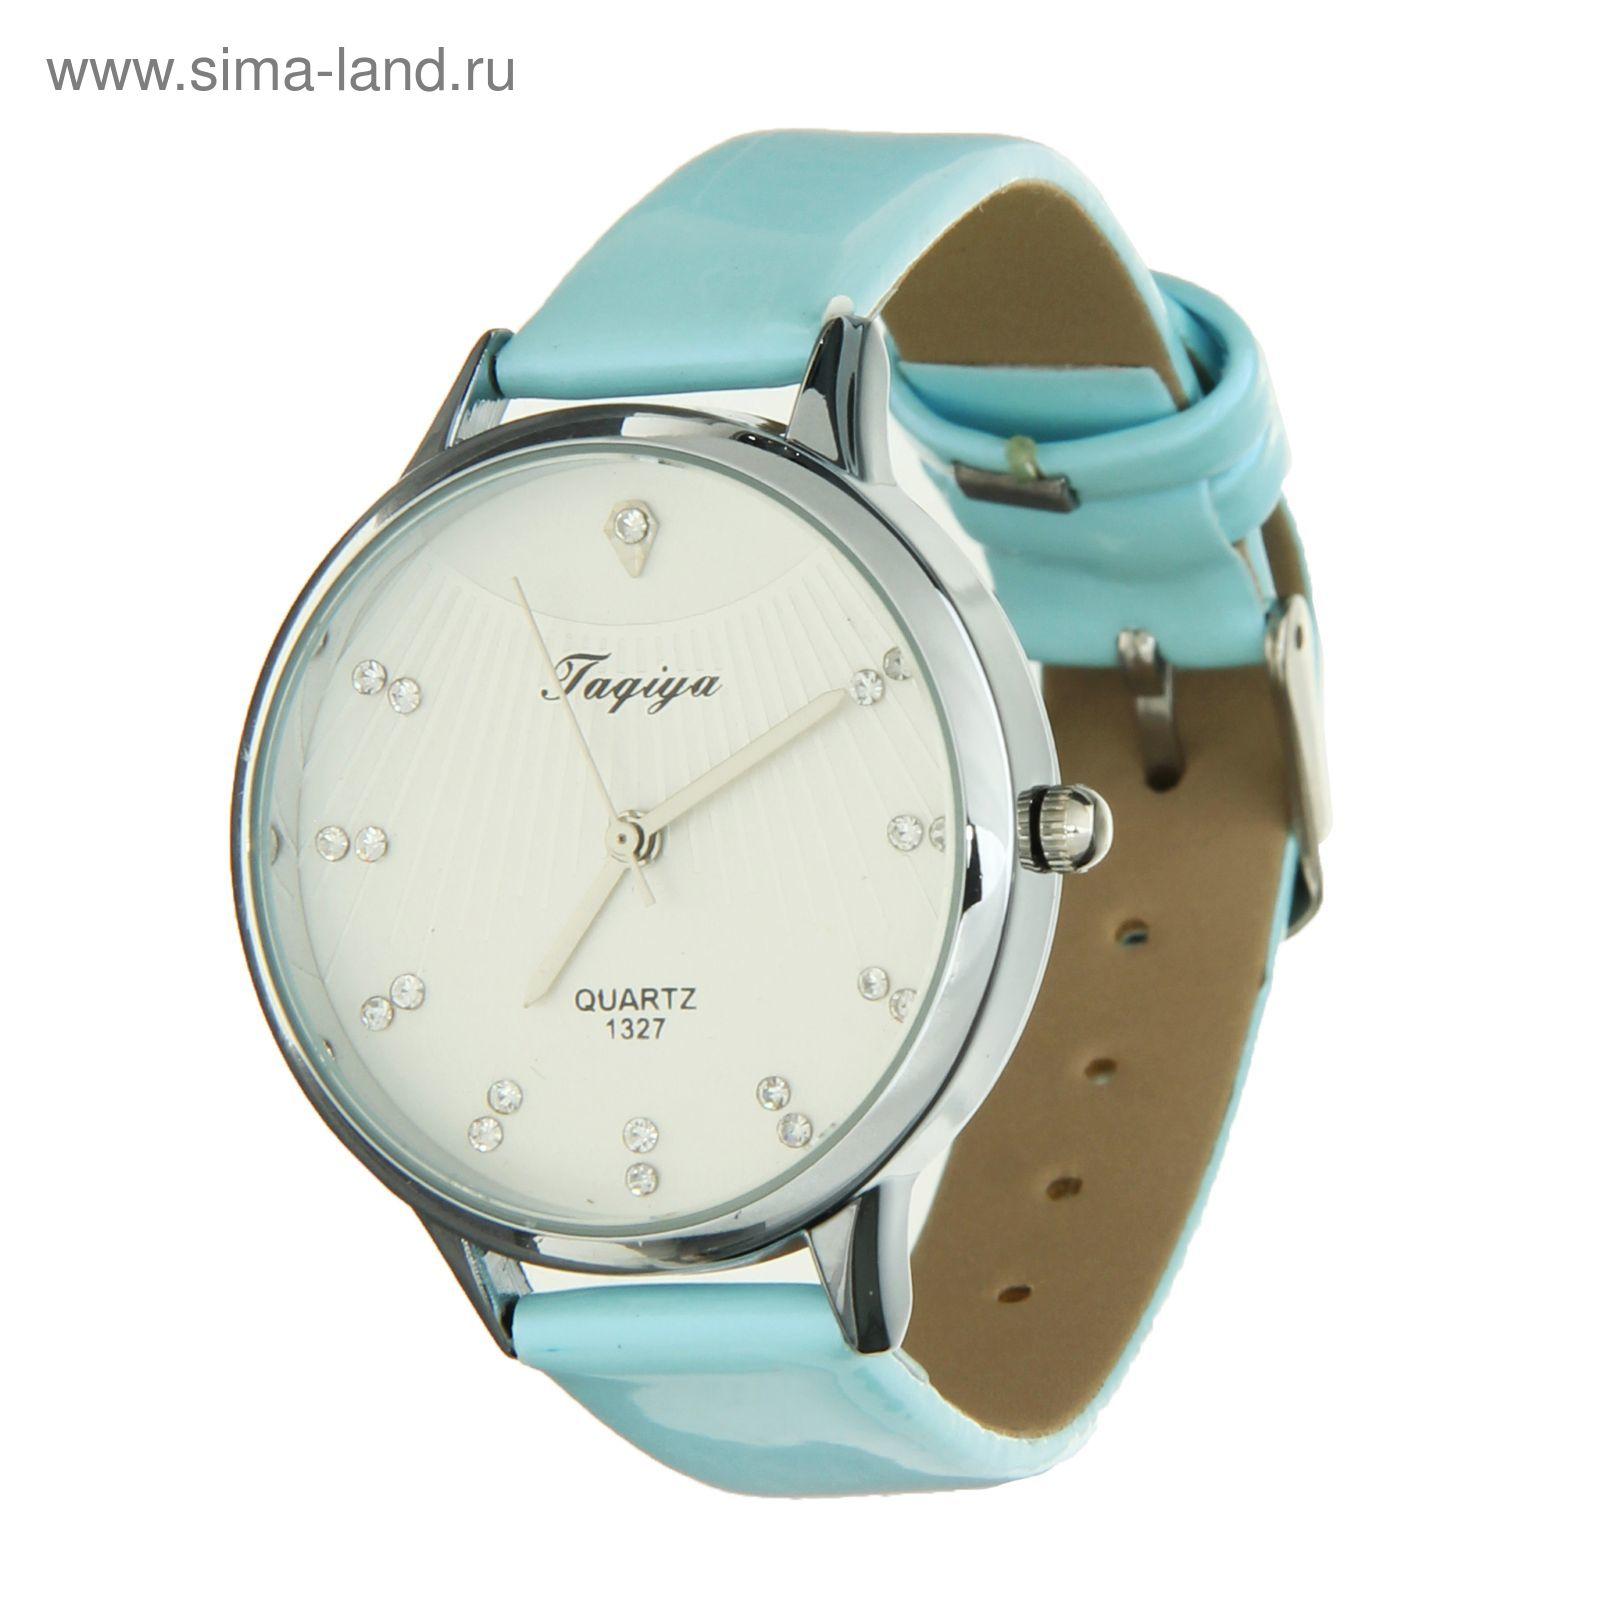 Часы женские наручные голубые где можно купить недорогие наручные часы